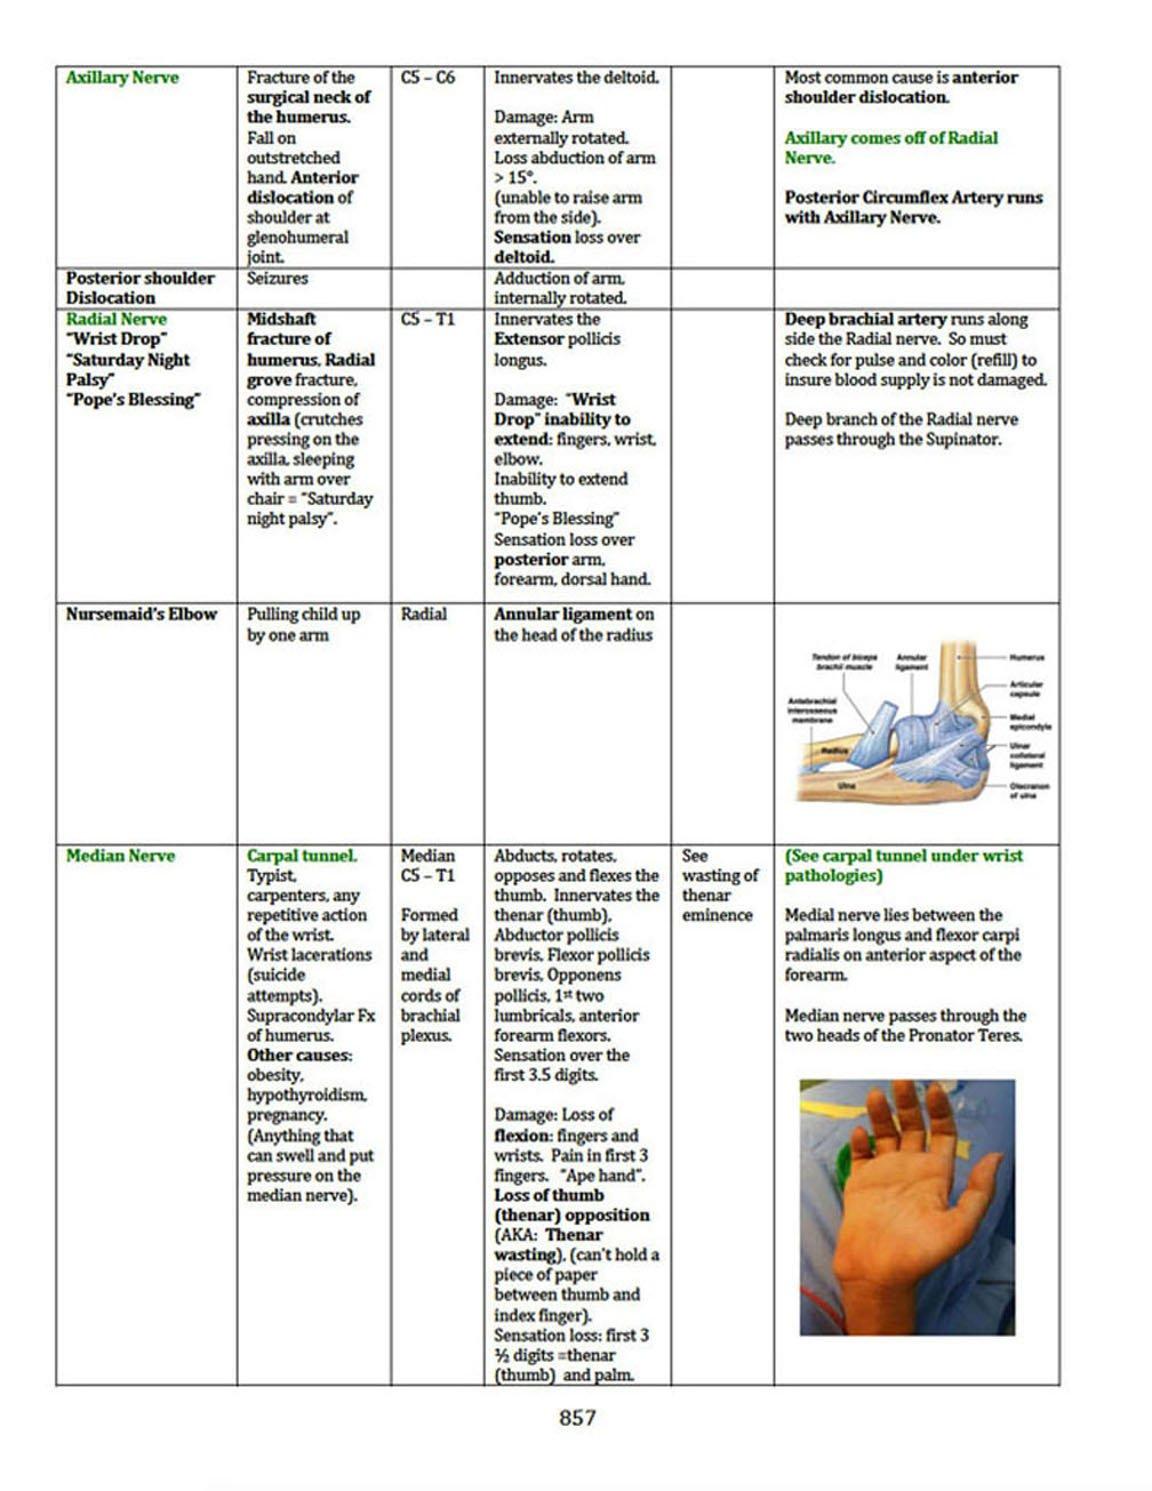 Boards Ready, USMLE Step 1, Step 2, Step 3: MD Tricia A